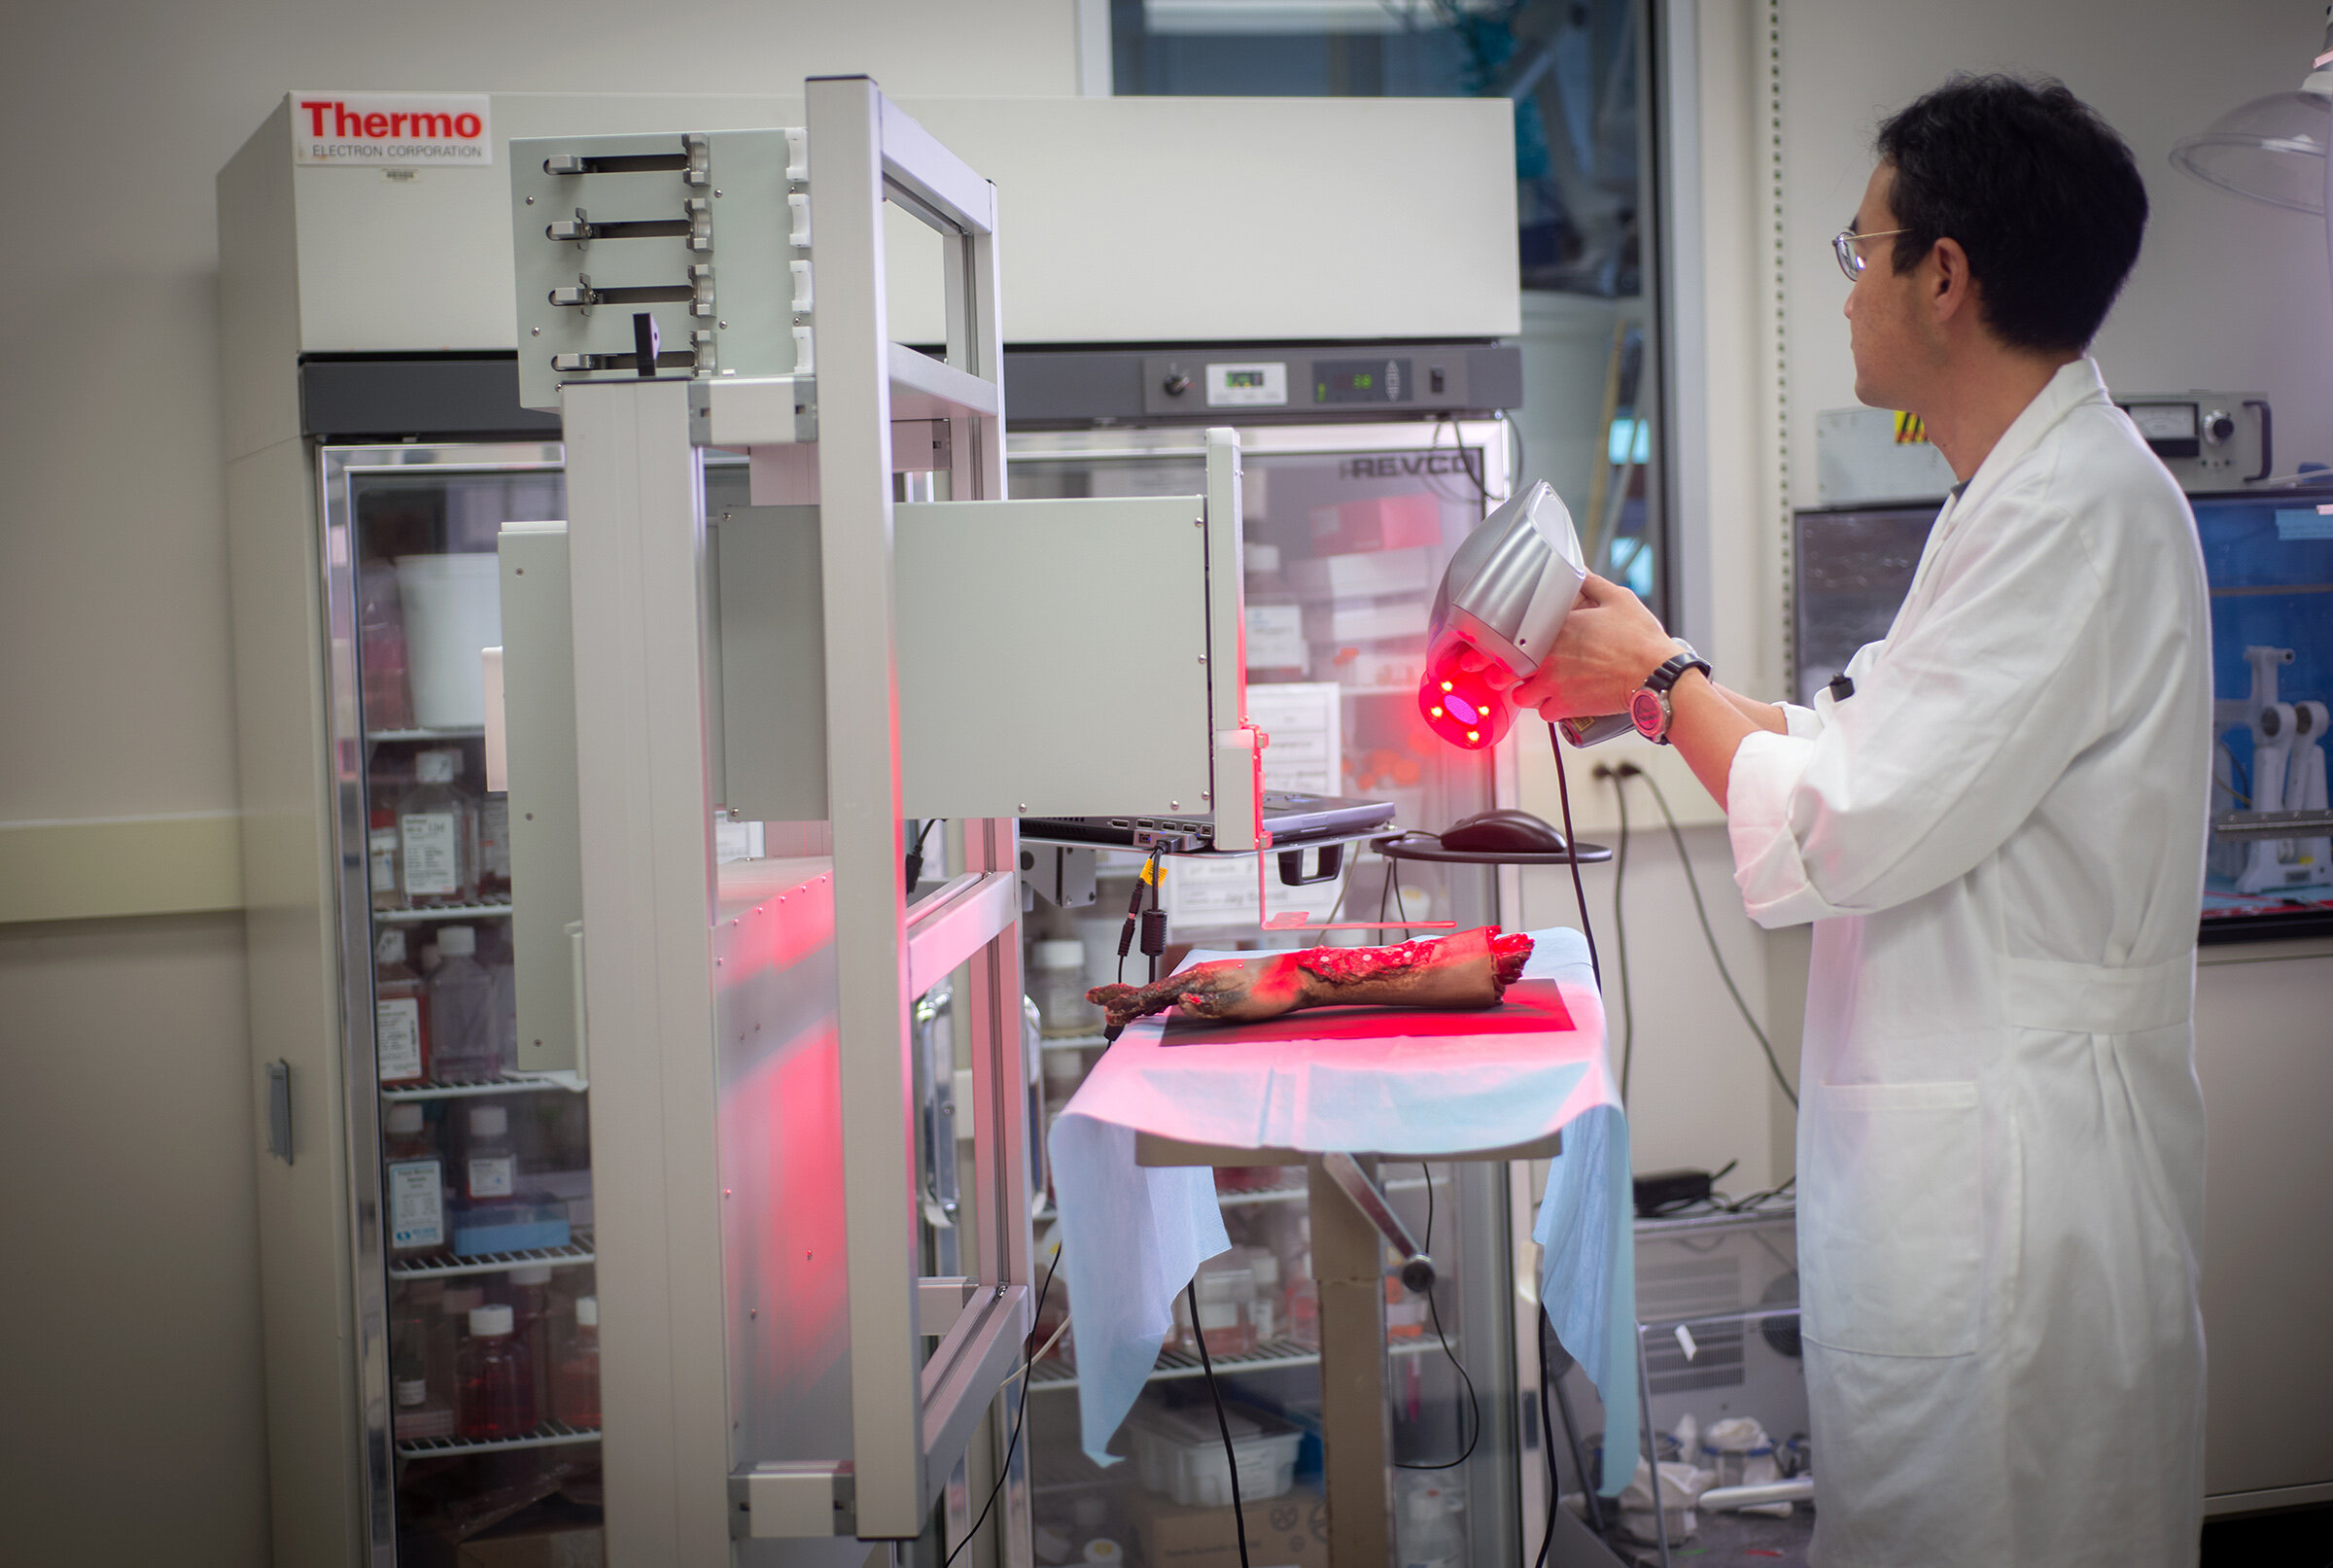 Operátor mobilní biotiskárny vakci spreklinickým modelem lidské ruky. Kredit: WFIRM